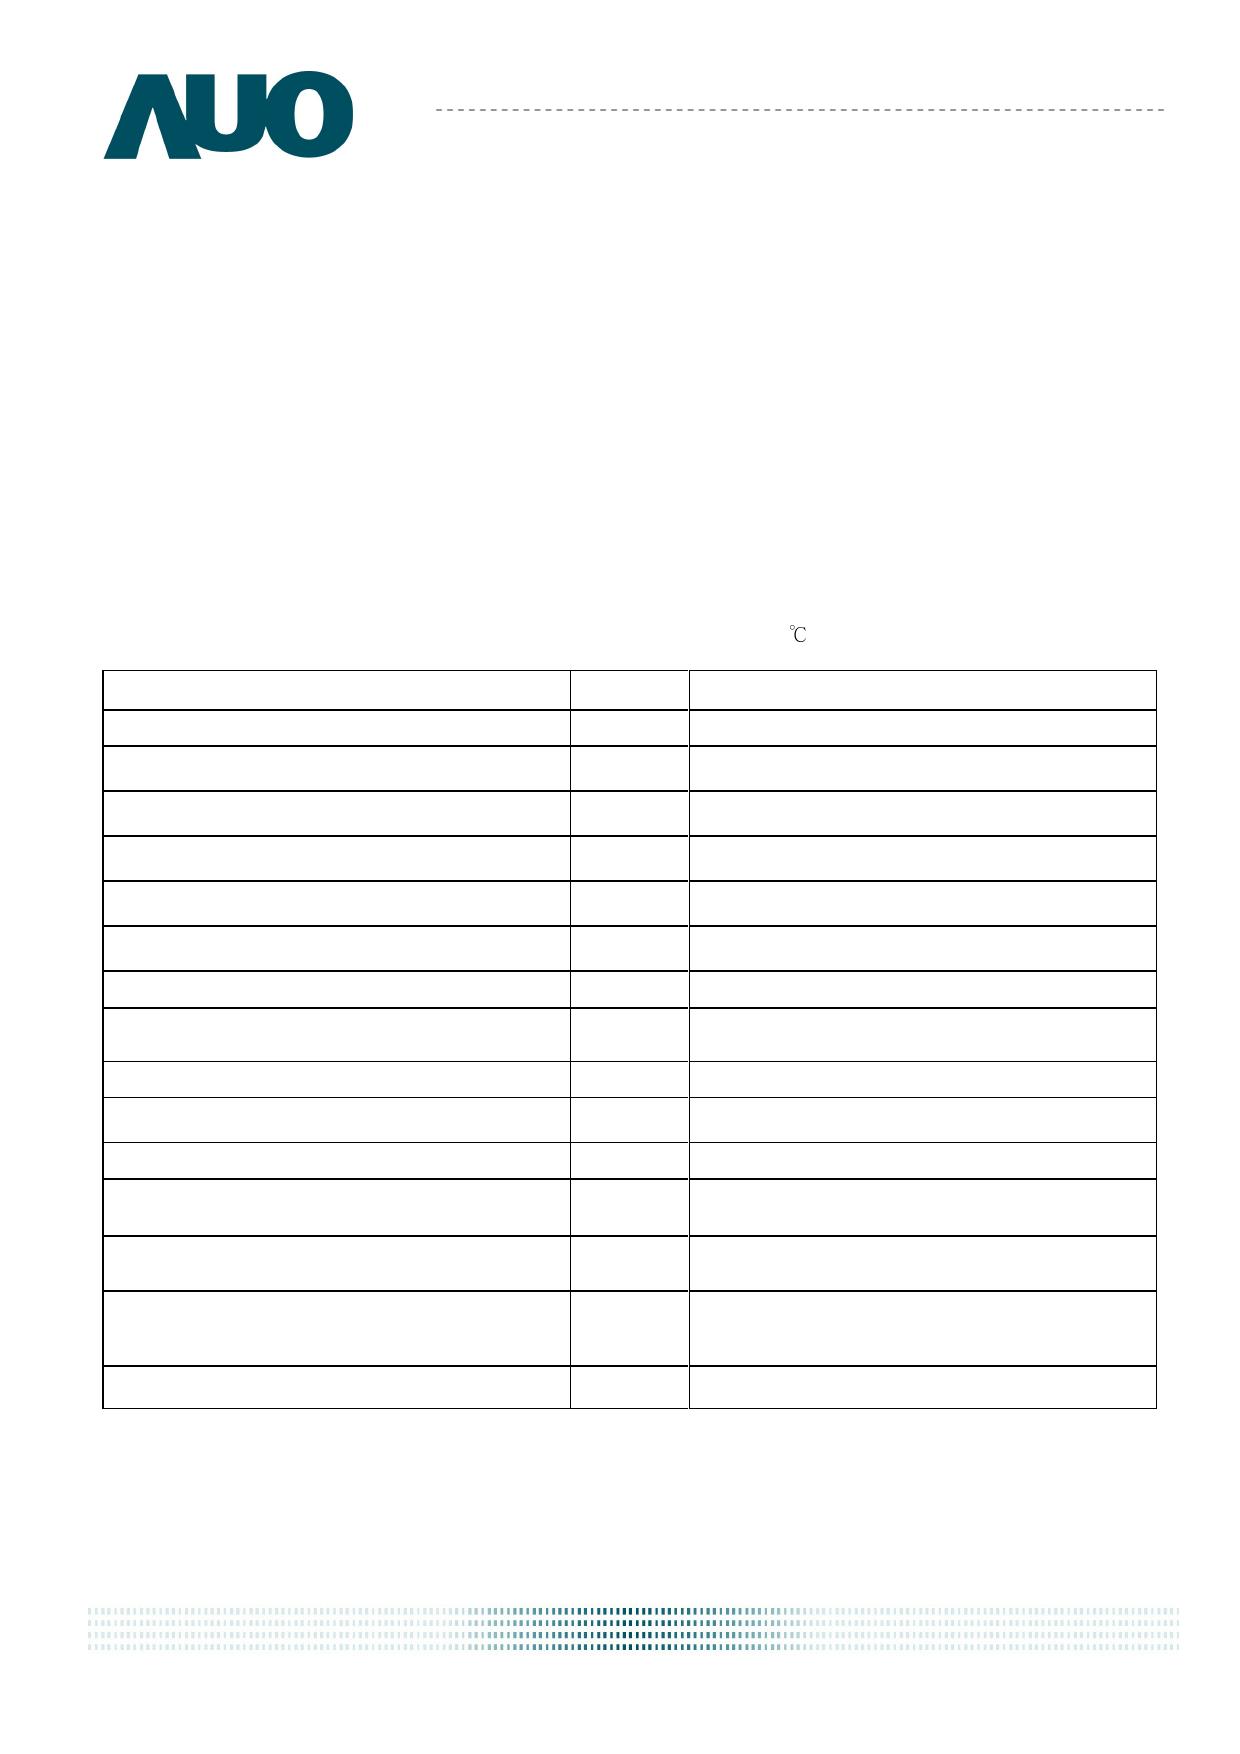 G070VW01-V1 pdf, arduino